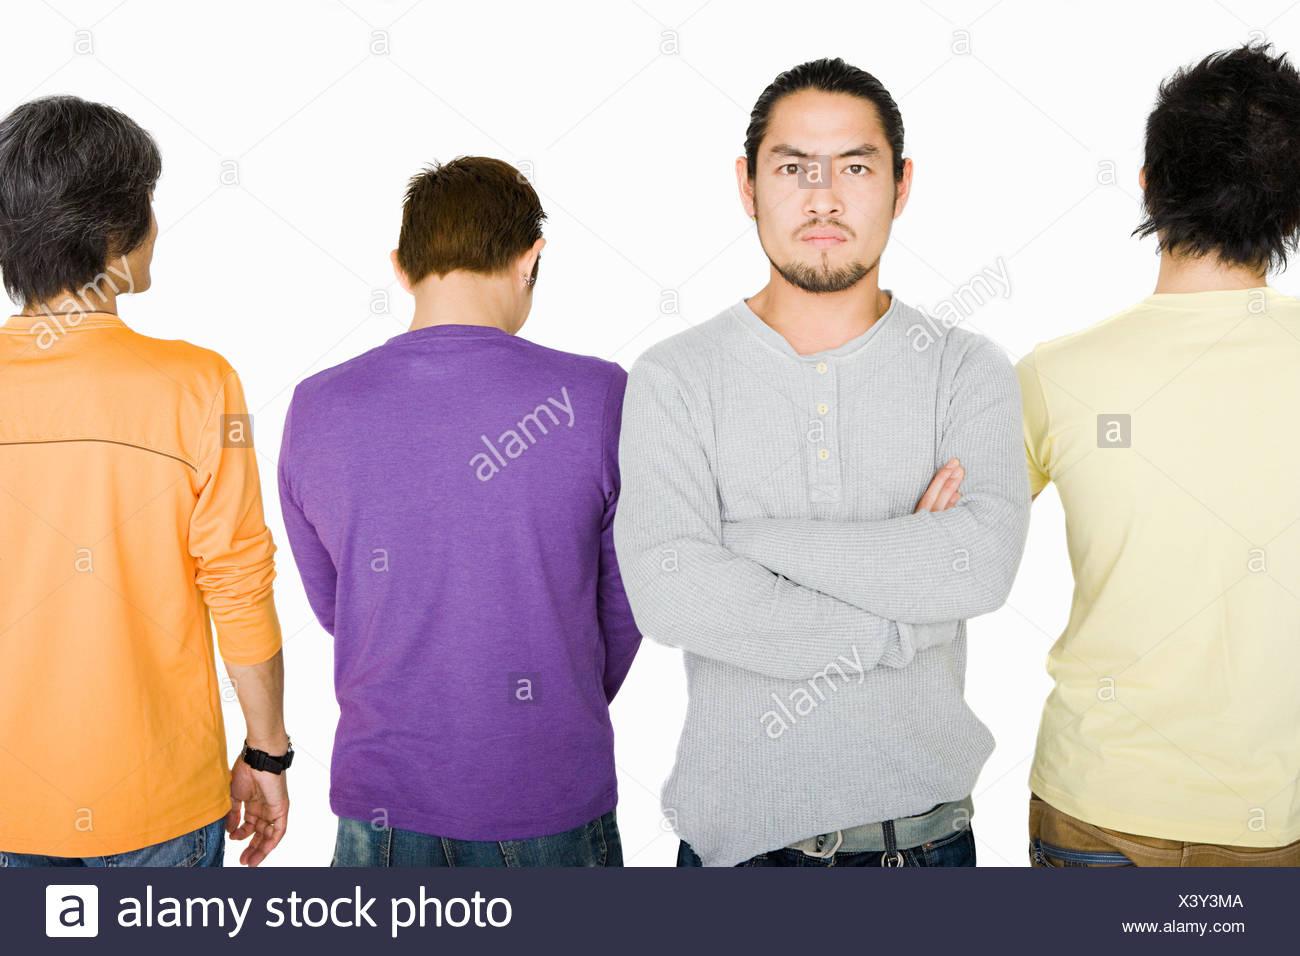 Homme en colère dans la rangée de personnes Photo Stock